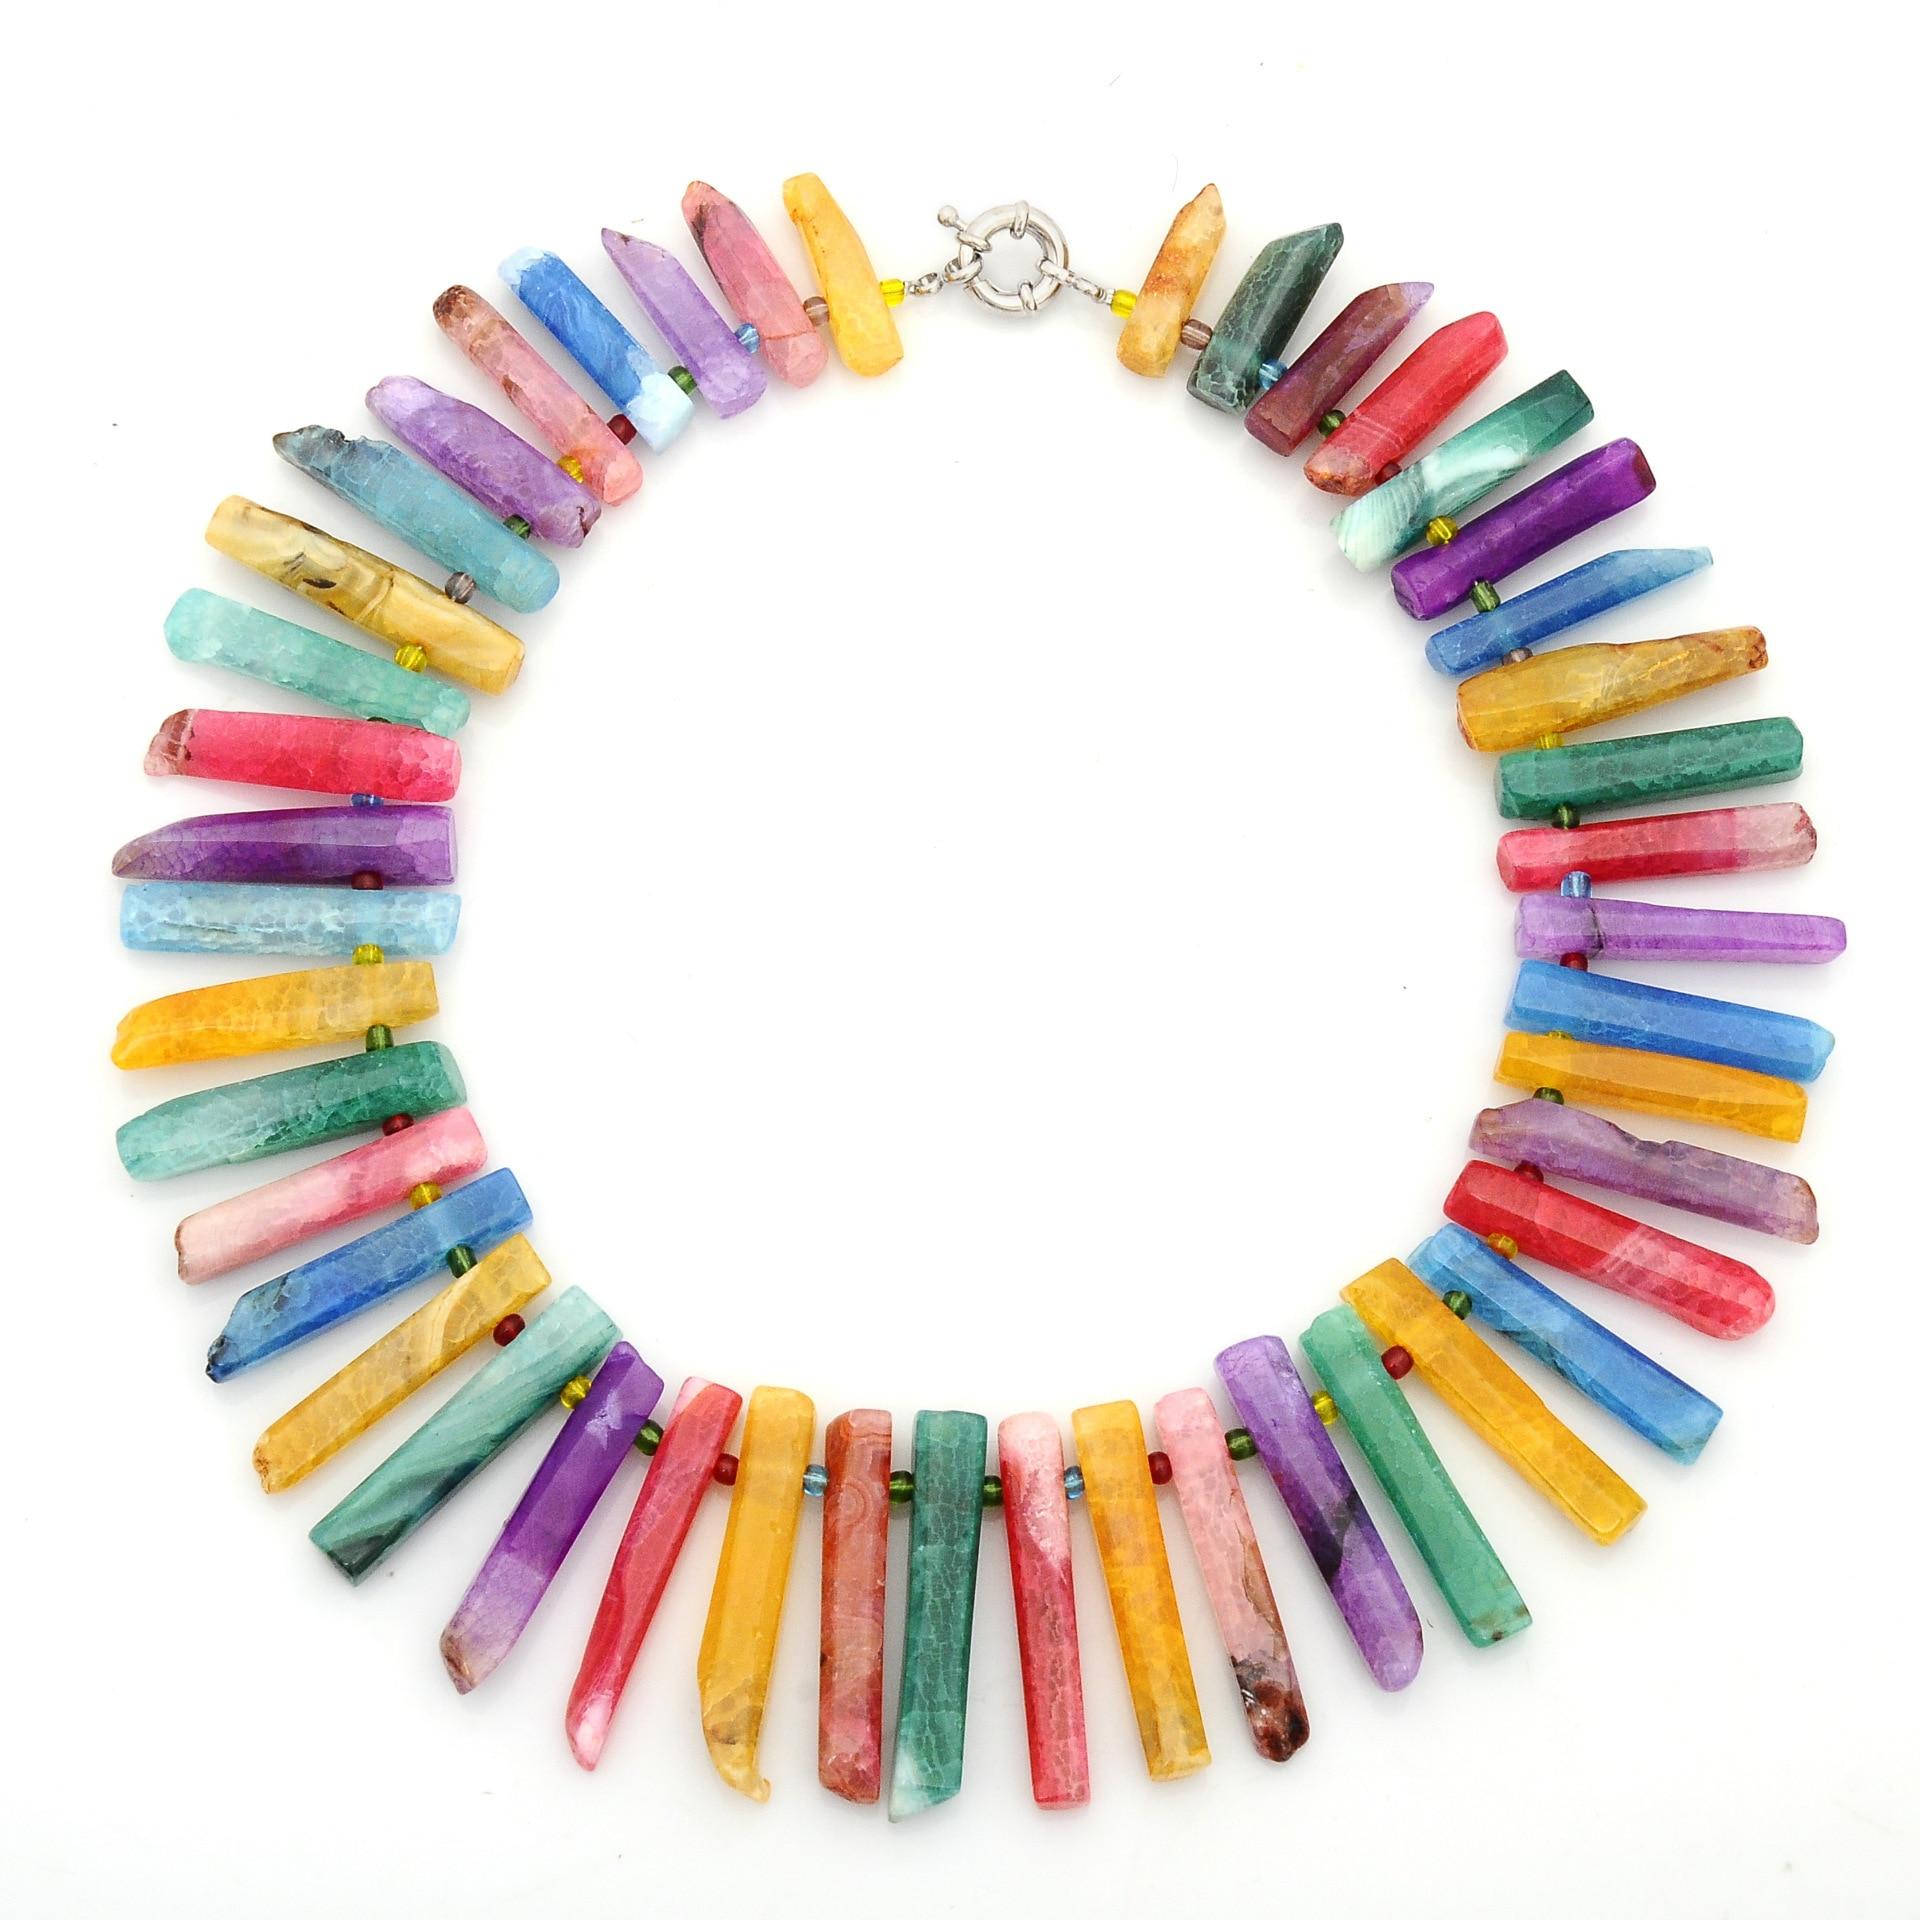 [해외]Man Women Long Necklace Natural Stone Beads Necklace Crystal Agate Beads Choker Necklace Jewelry for Gift Birthday Party Gift/Man Women Long Neckl